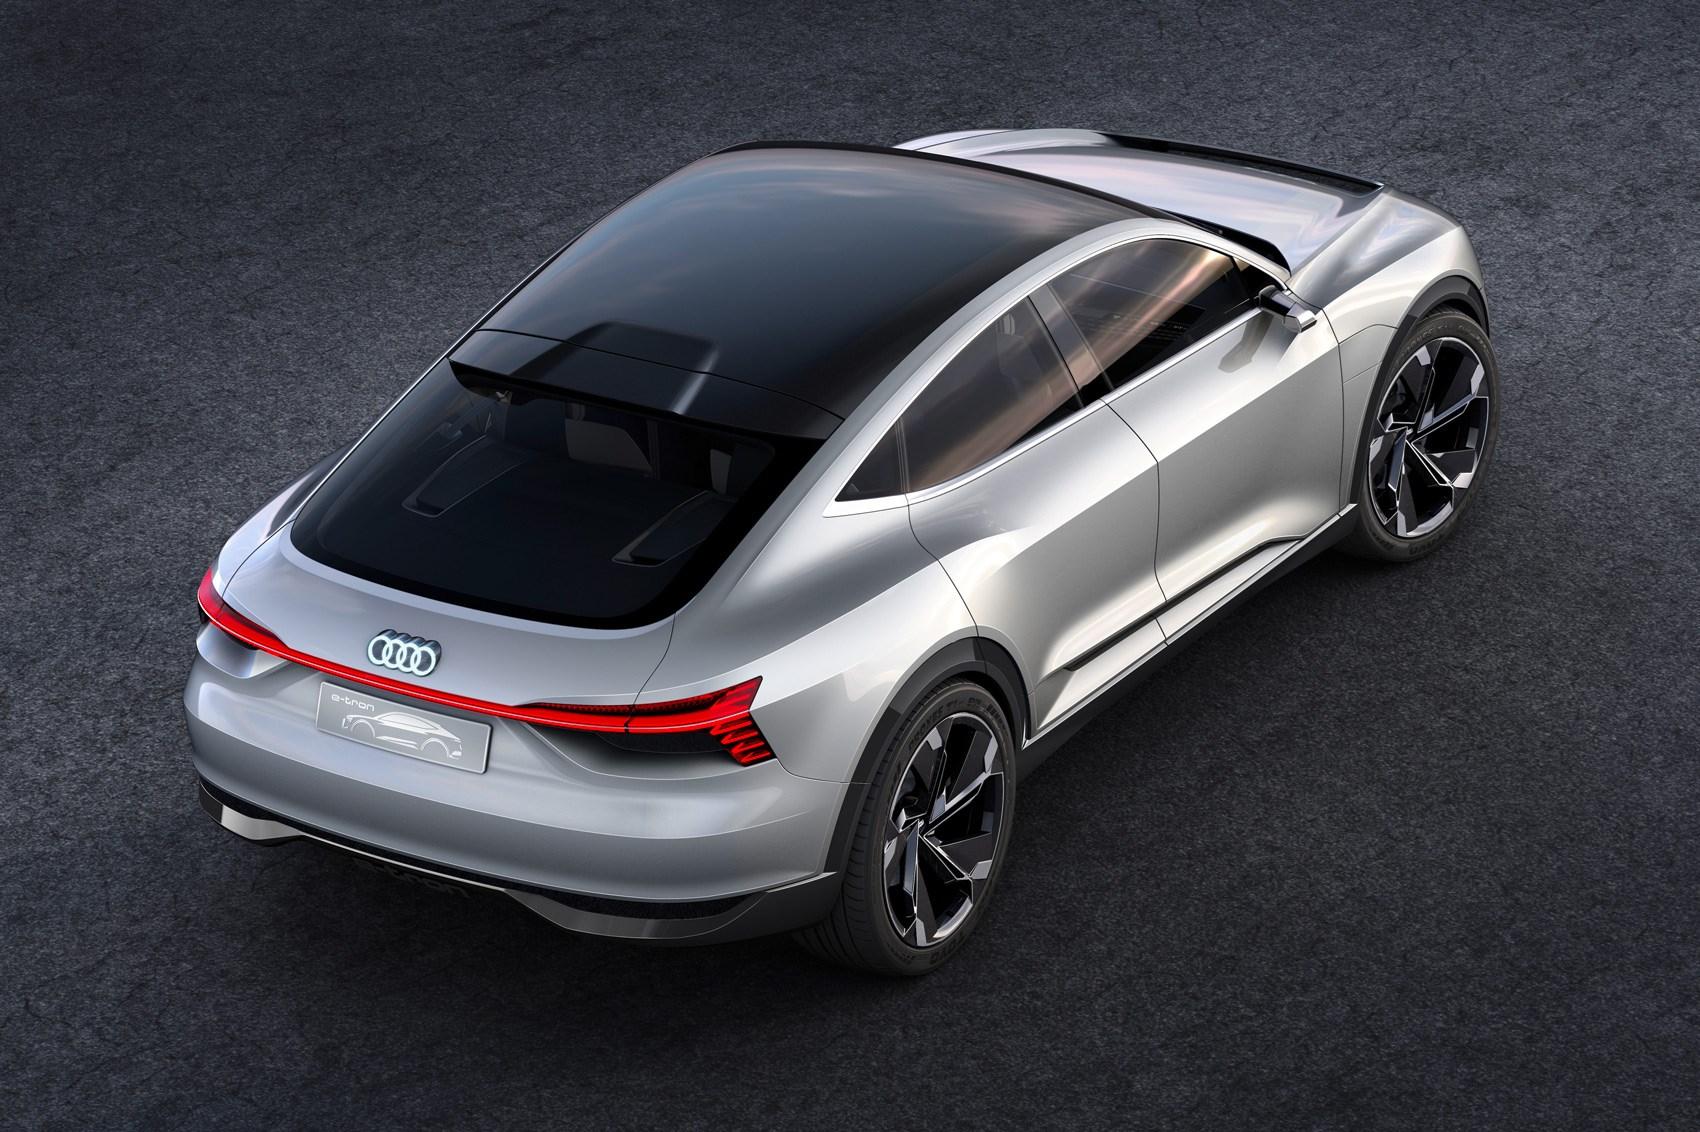 Volvo Q4 >> Age of e-tron: Audi e-tron Sportback concept surges EV plans forward by CAR Magazine